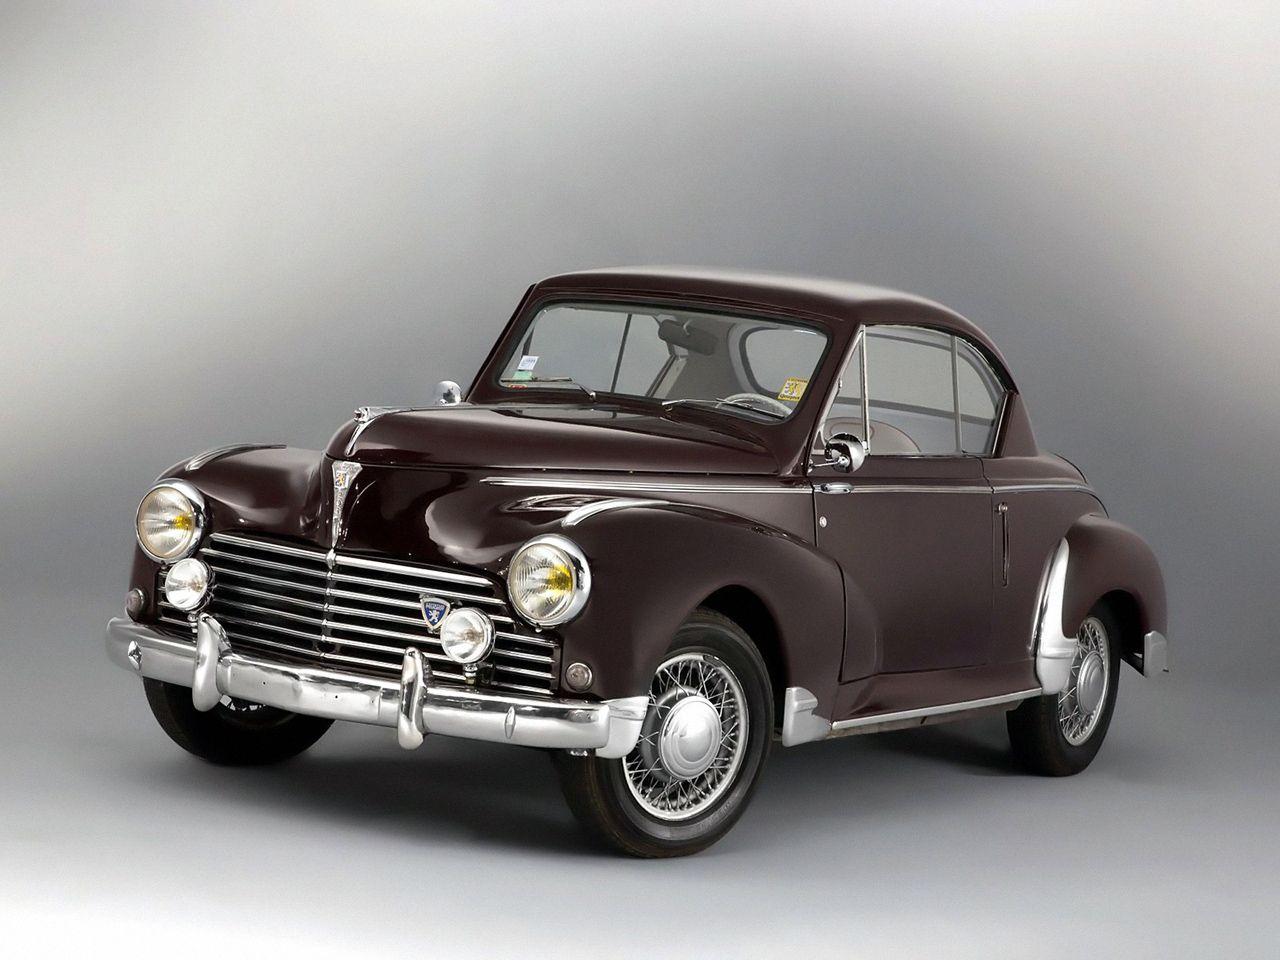 peugeot 203 coupe 1952 54 older cars pinterest peugeot cars and planes. Black Bedroom Furniture Sets. Home Design Ideas